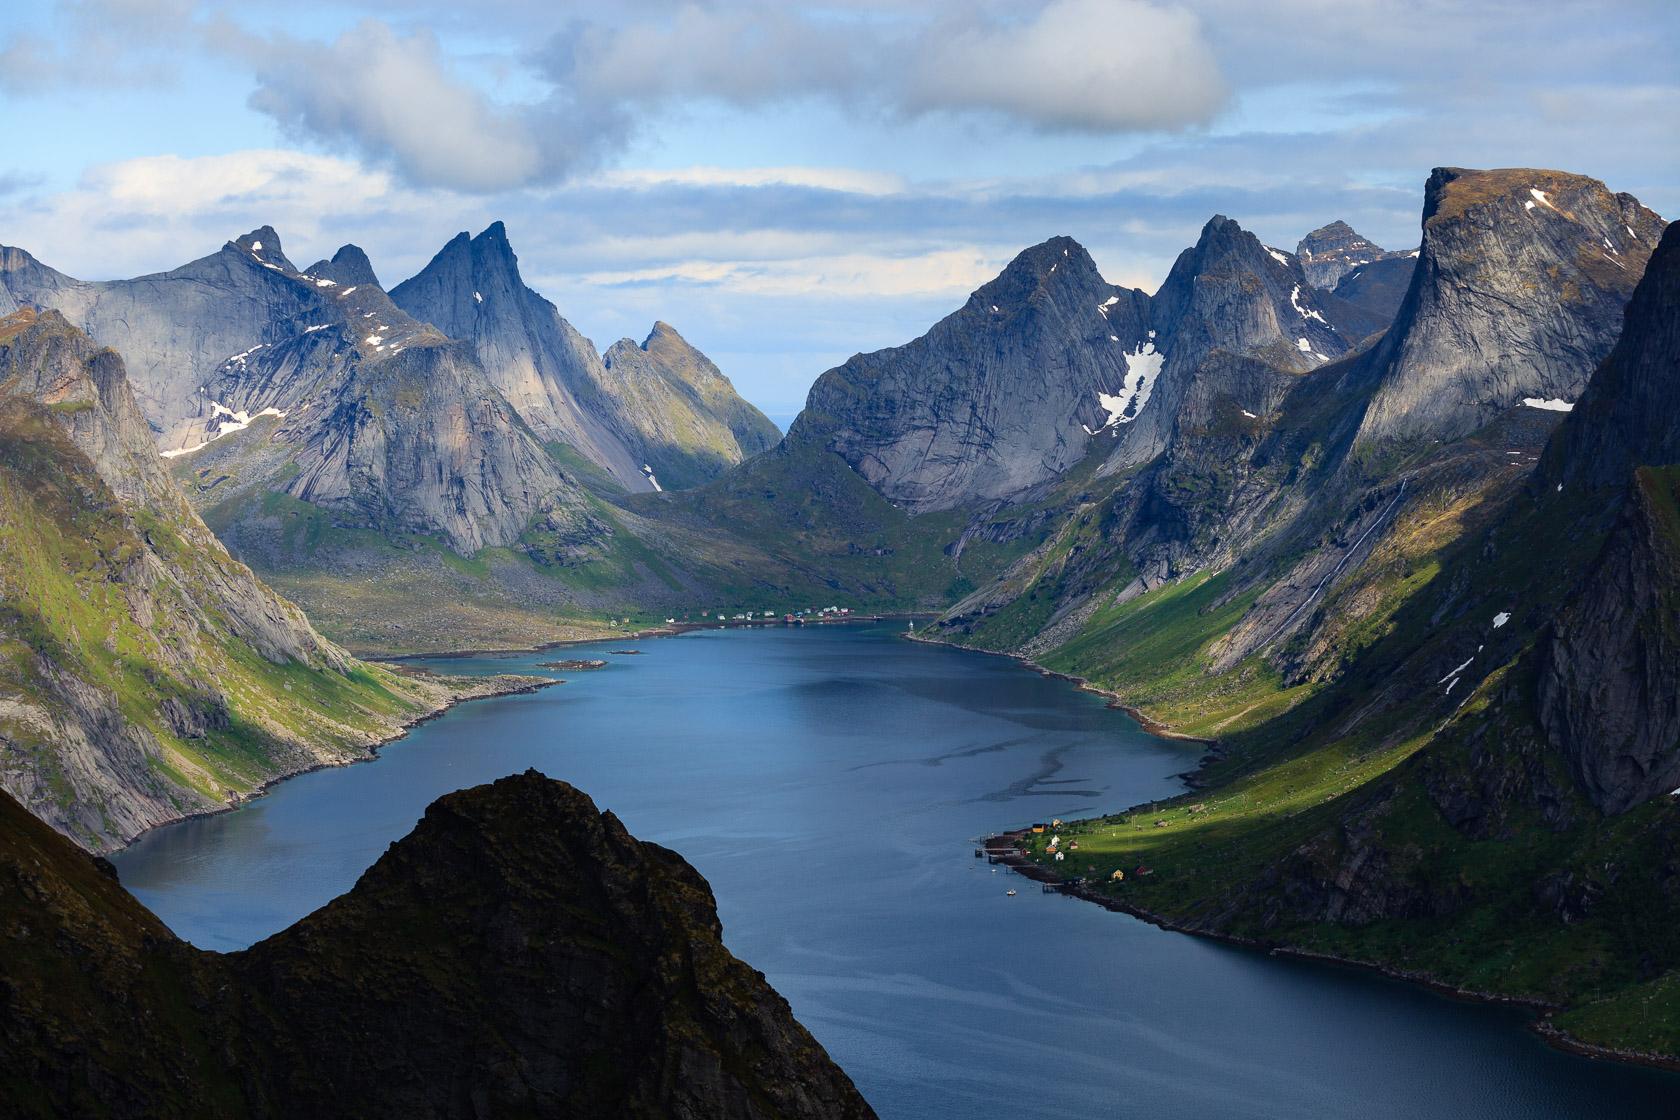 Kirkefjorden depuis le Reinebringen, dans les îles Lofoten en Norvège